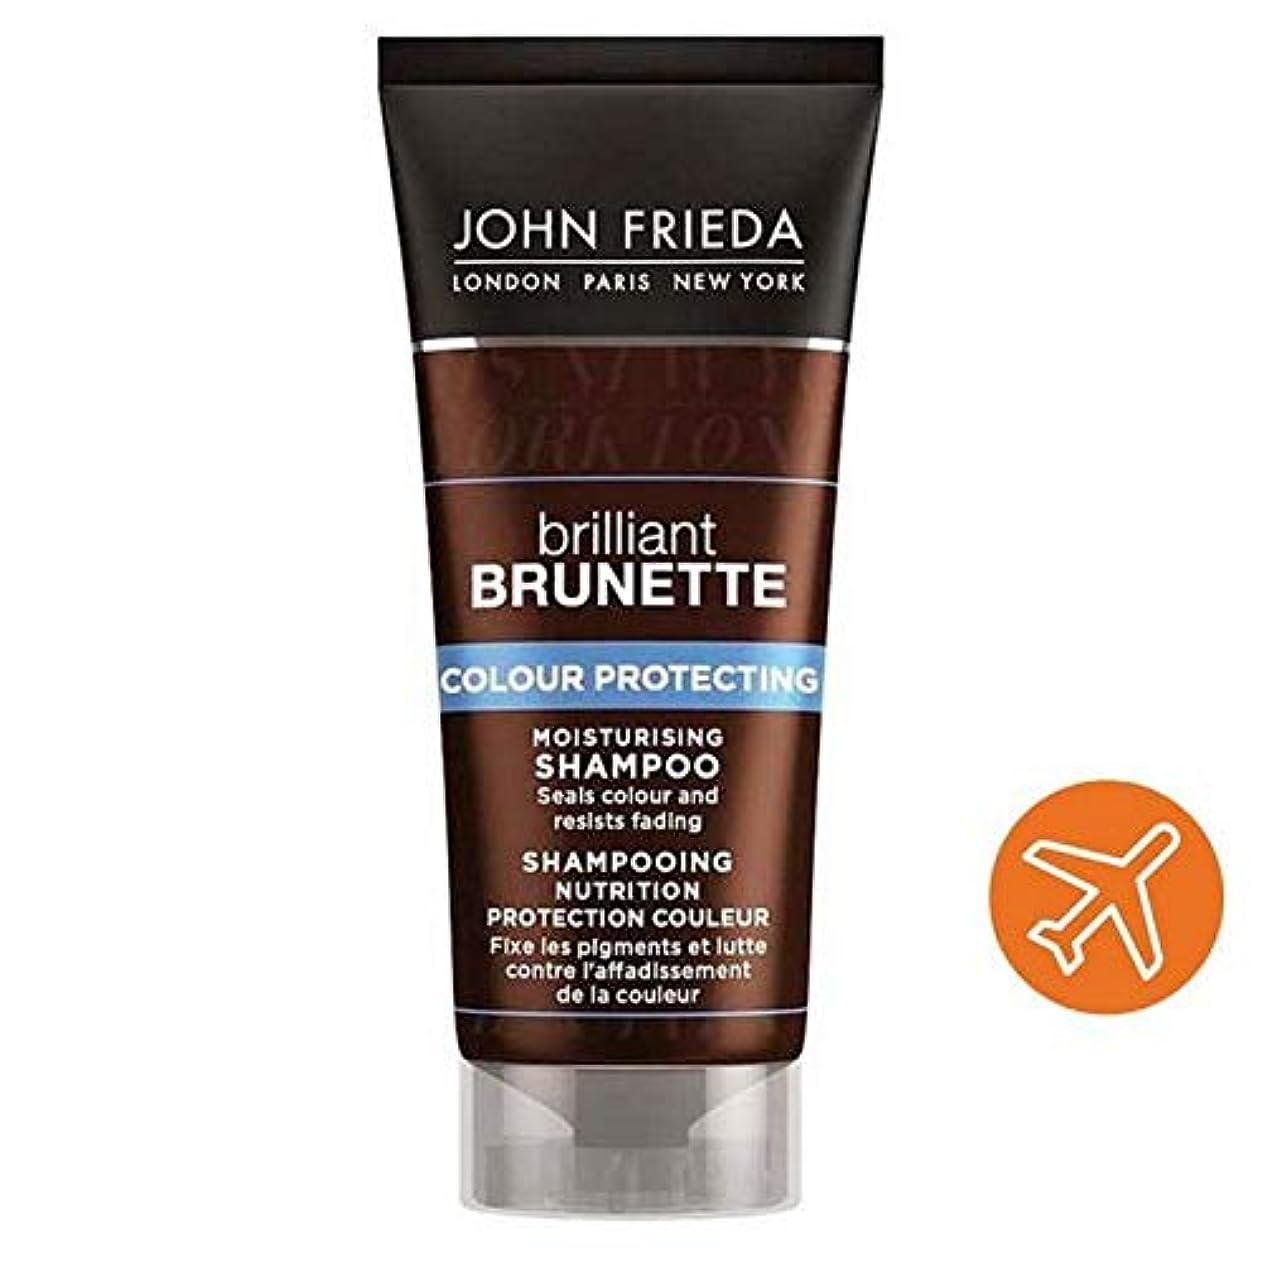 突撃修正ご予約[John Frieda ] シャンプー50ミリリットルを明らかにジョン?フリーダ華麗なブルネットの豊富な輝きマルチトーン - John Frieda Brilliant Brunette Rich Radiance Multi-tone Revealing Shampoo 50ml [並行輸入品]